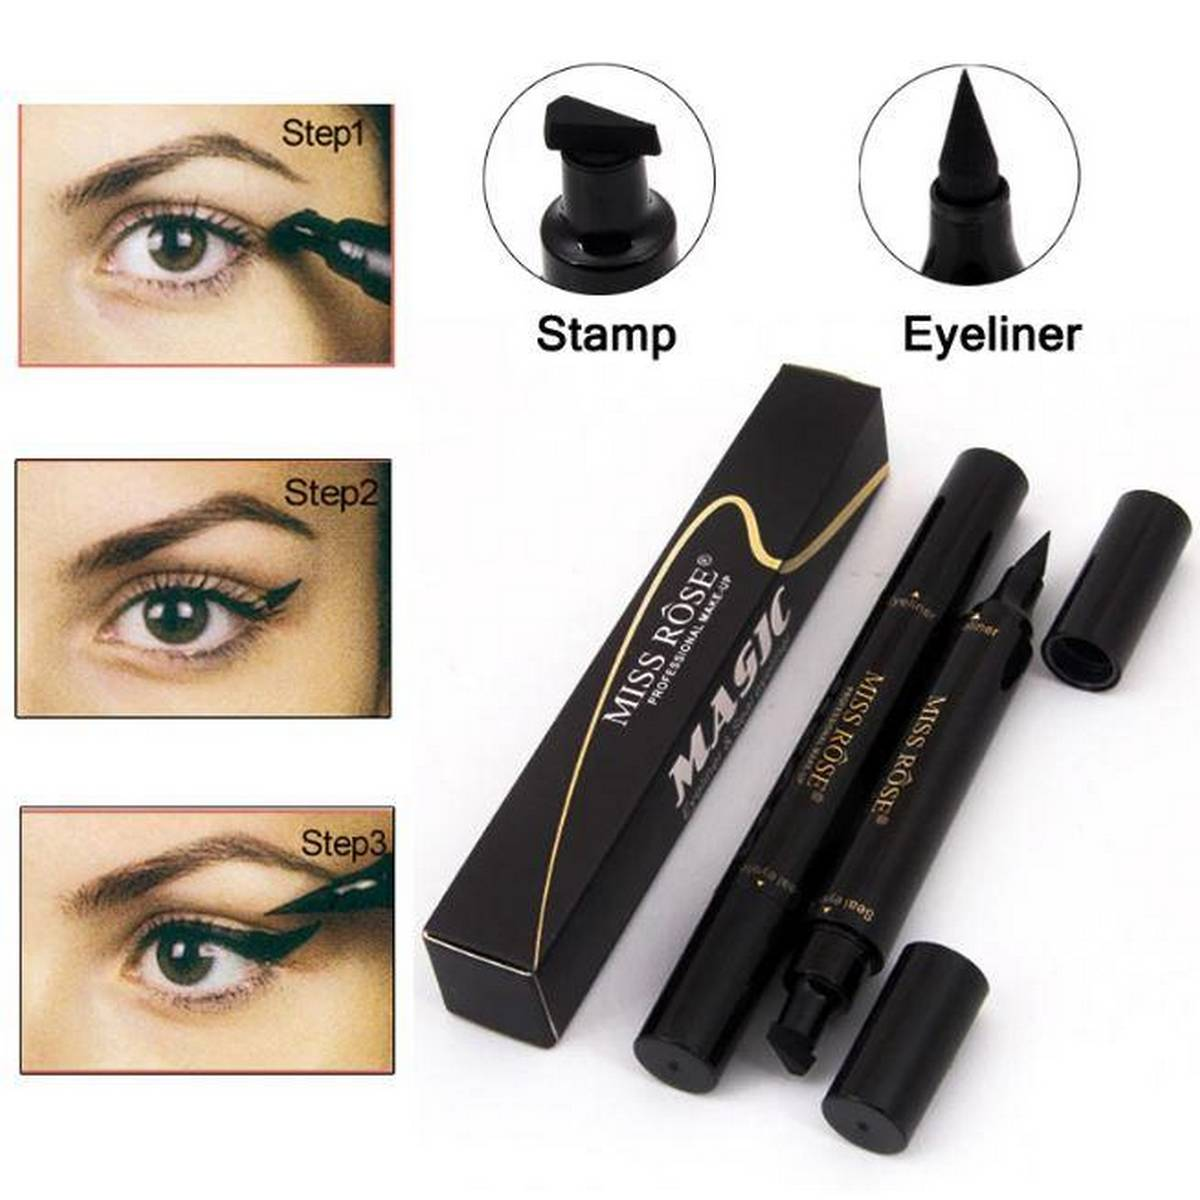 Miss Rose Liquid Eyeliner Pen Makeup Waterproof Fast Dry Black Eye Liner Pencil With Eyeliner Stamps